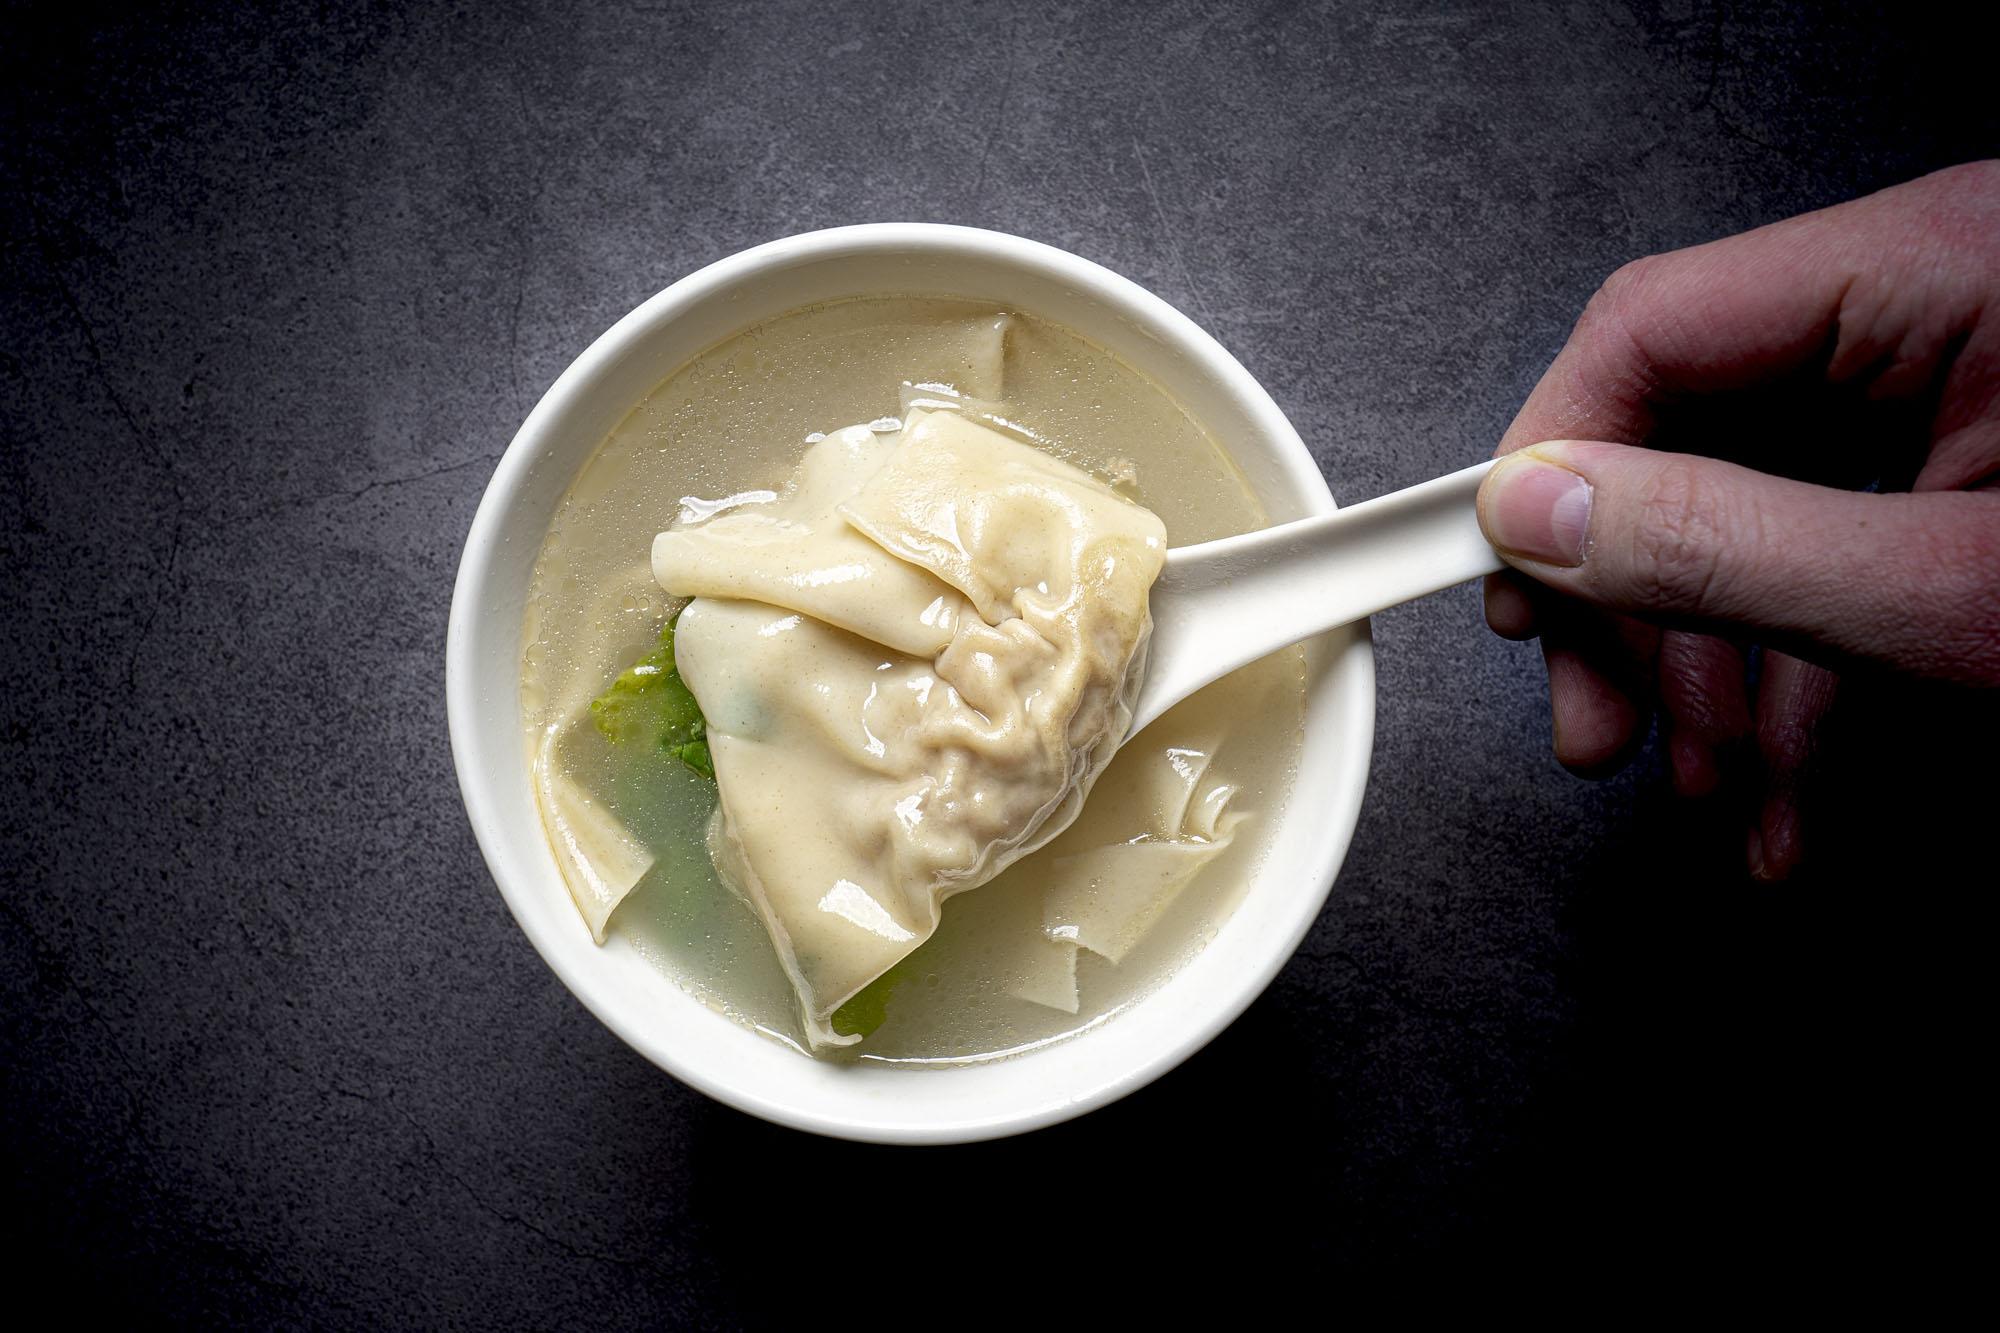 雲吞湯   Potage aux raviolis chinois